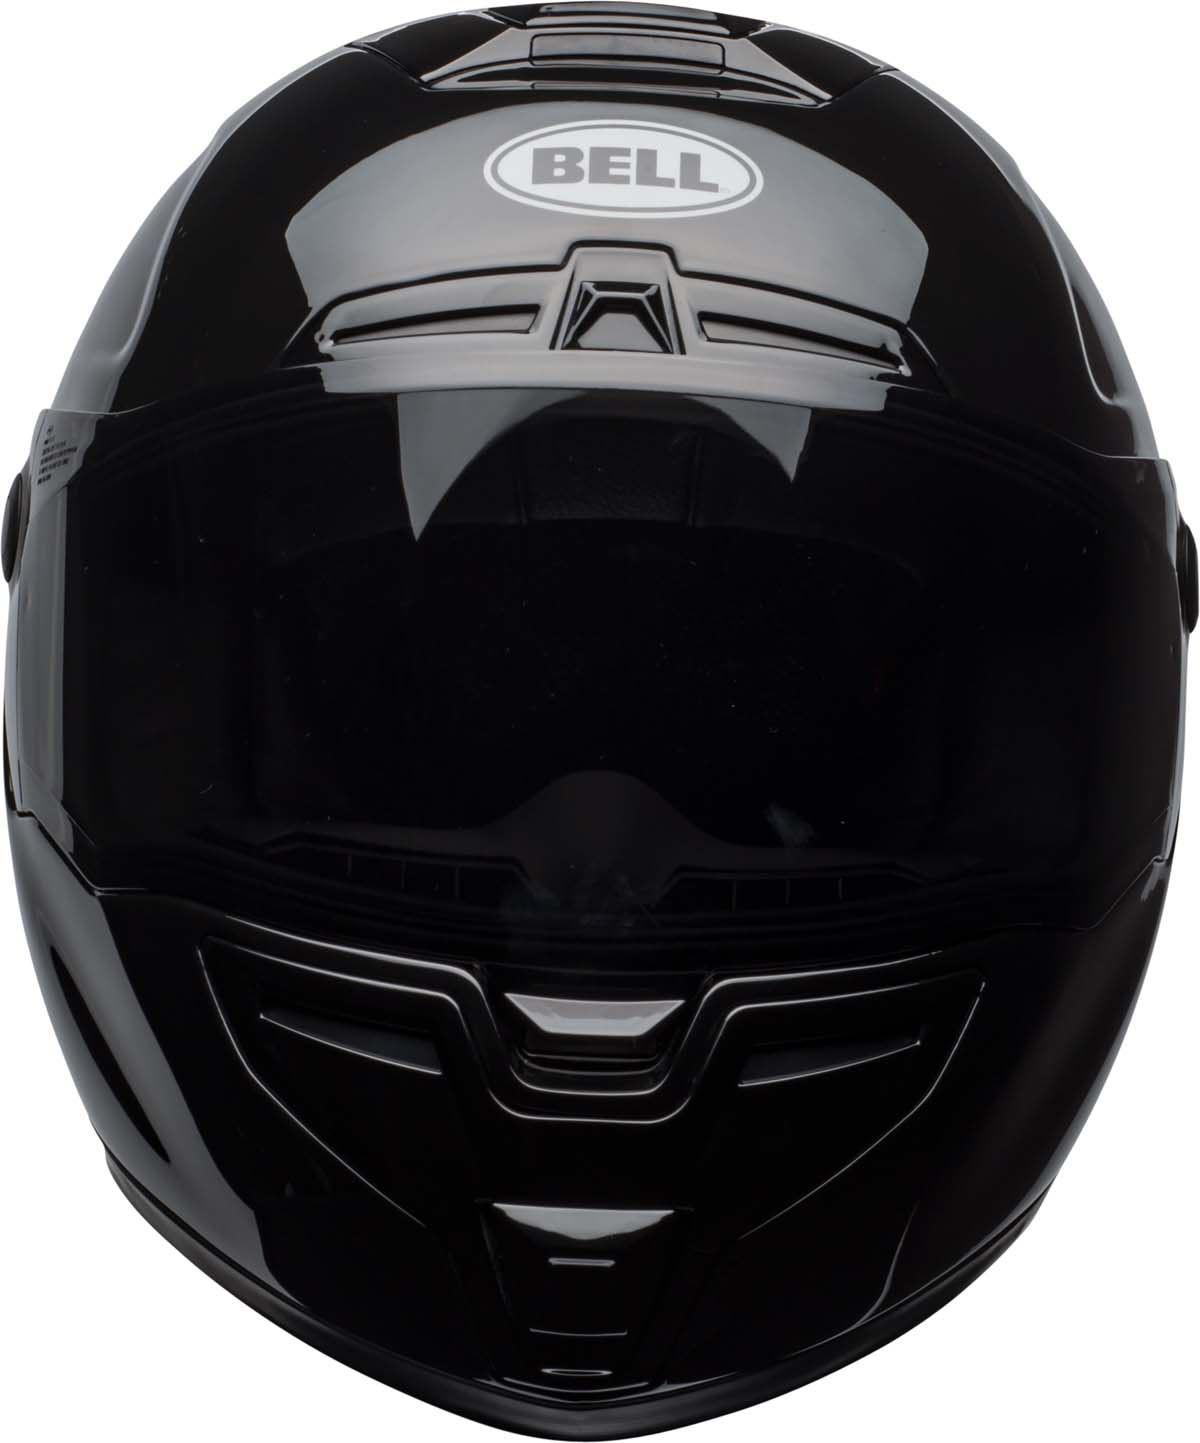 Bell-SRT-Helmet-Full-Face-Eyewear-Friendly-Fiberglass-DOT-SNELL-M2015-XS-2XL miniature 13